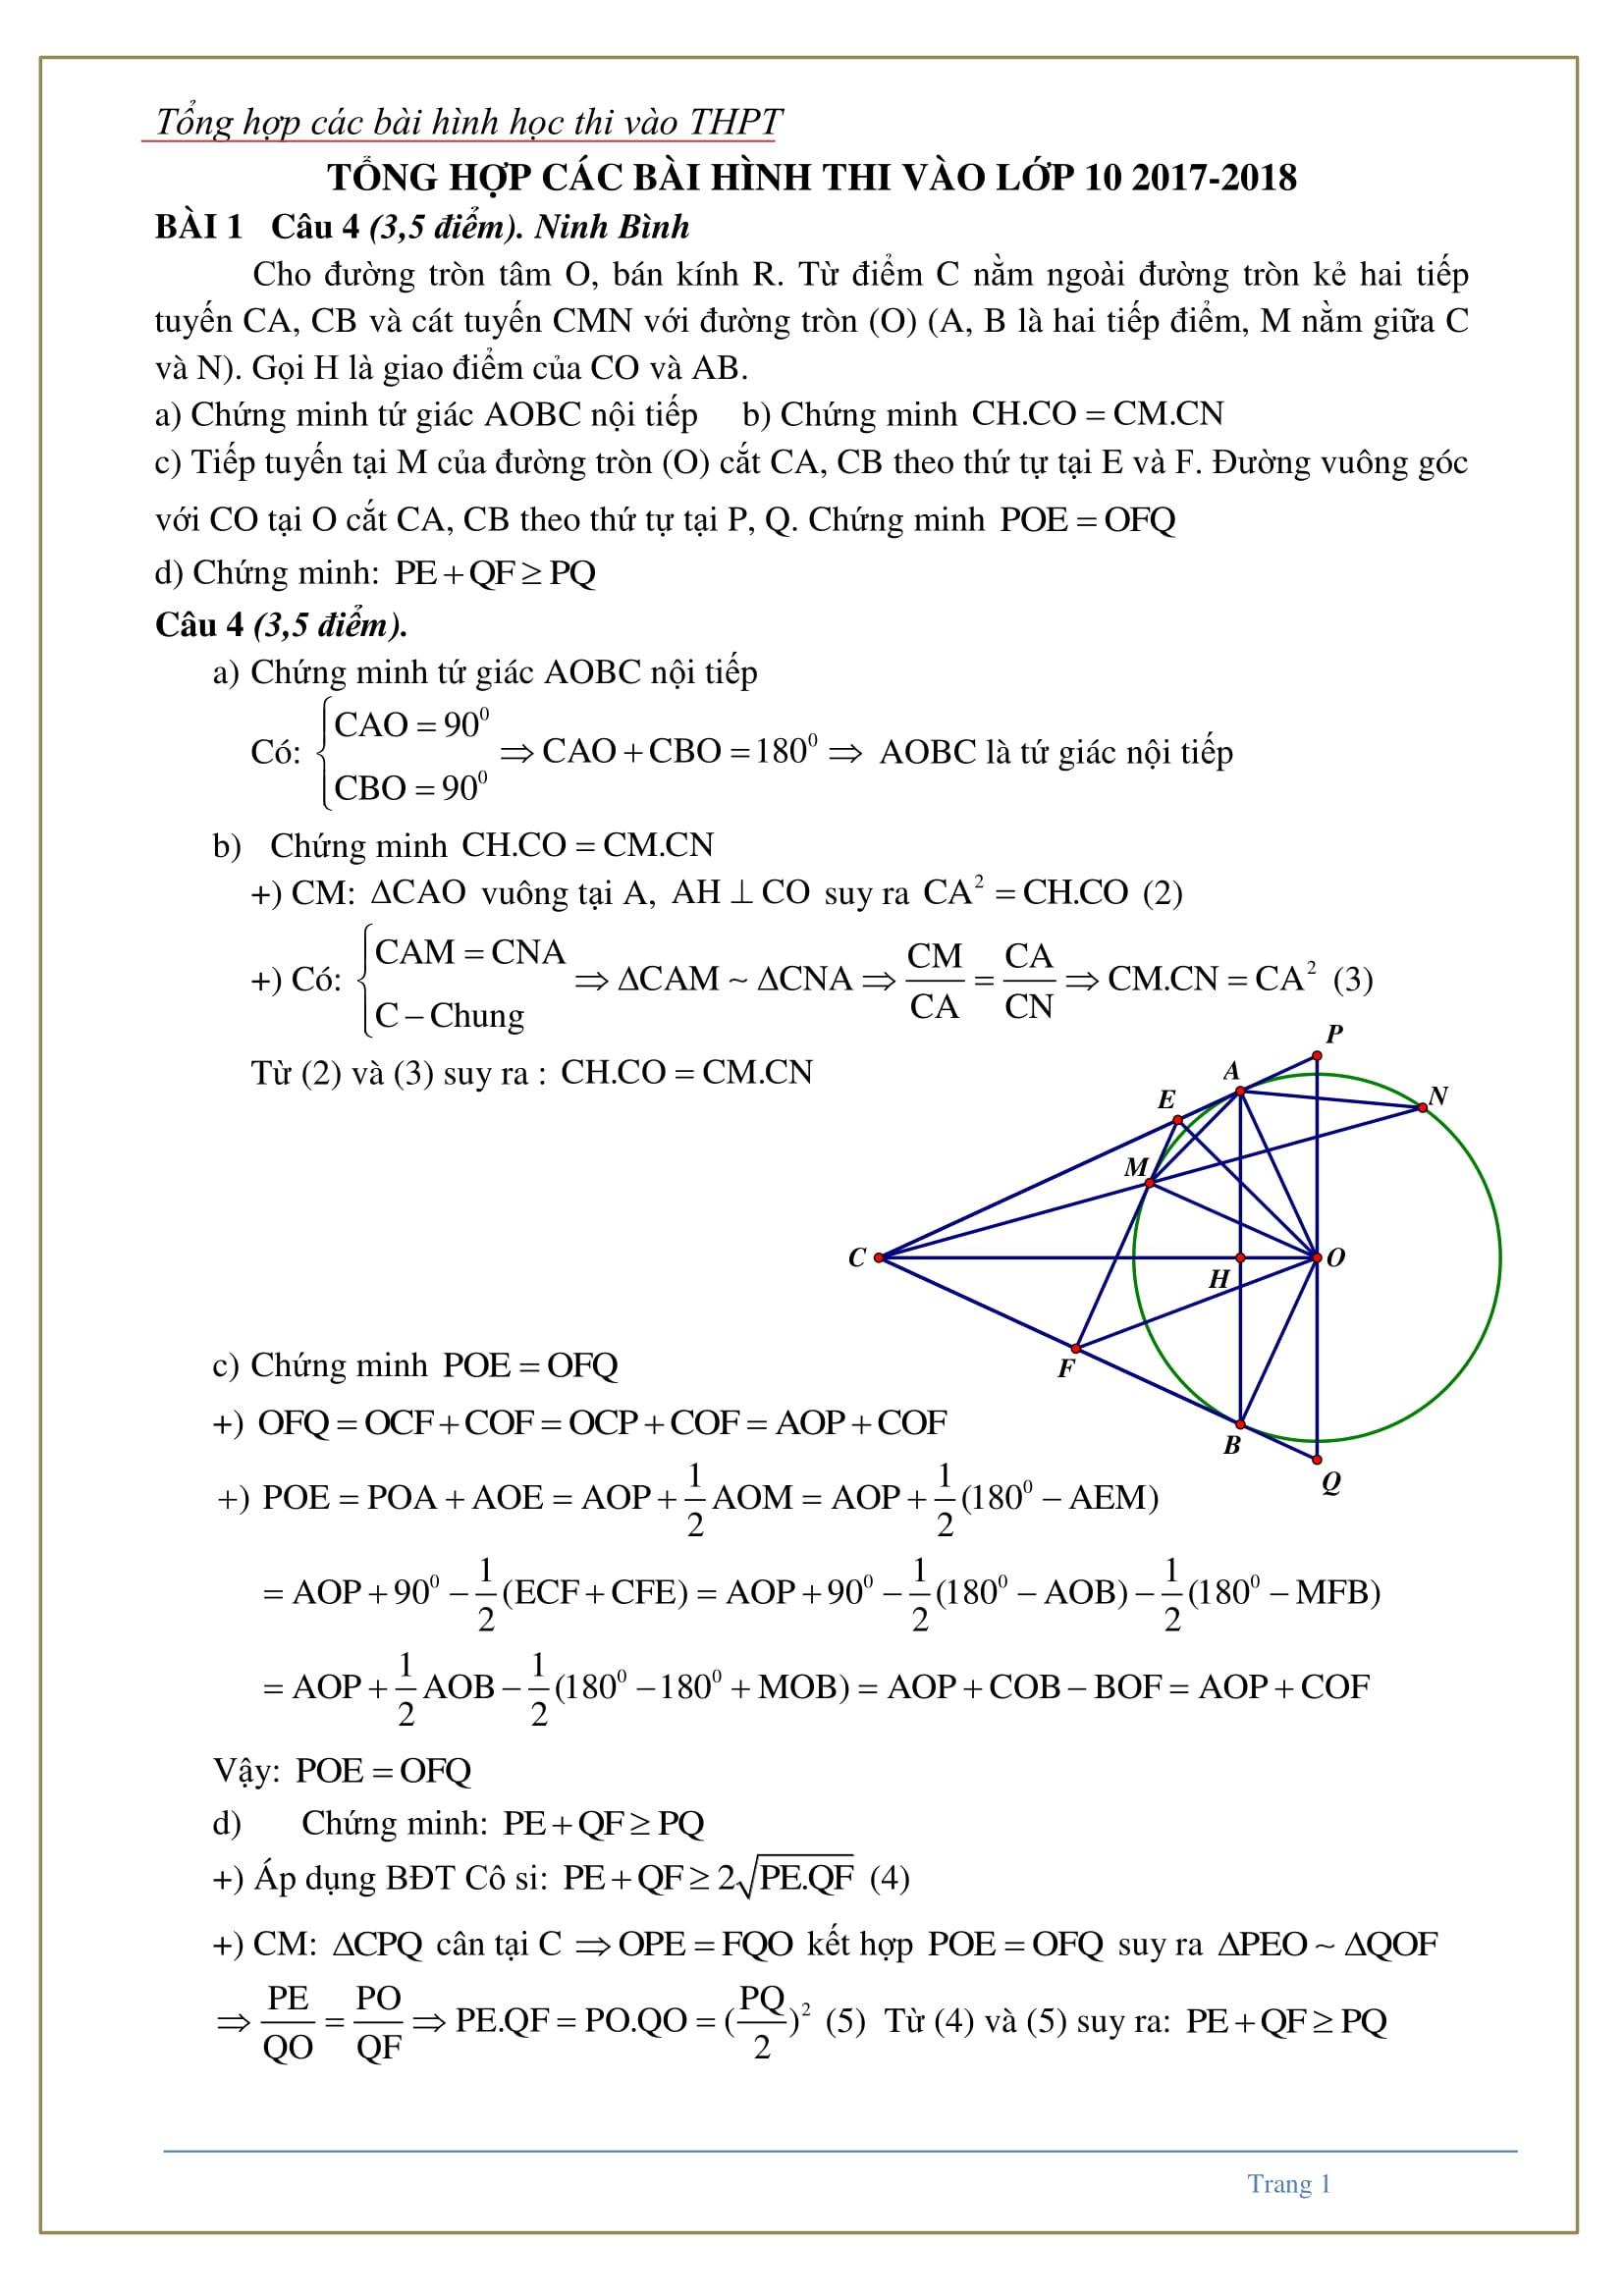 46 bài tập hình học trong kỳ thi Toán tốt nghiệp THPT - hướng dẫn chi tiết